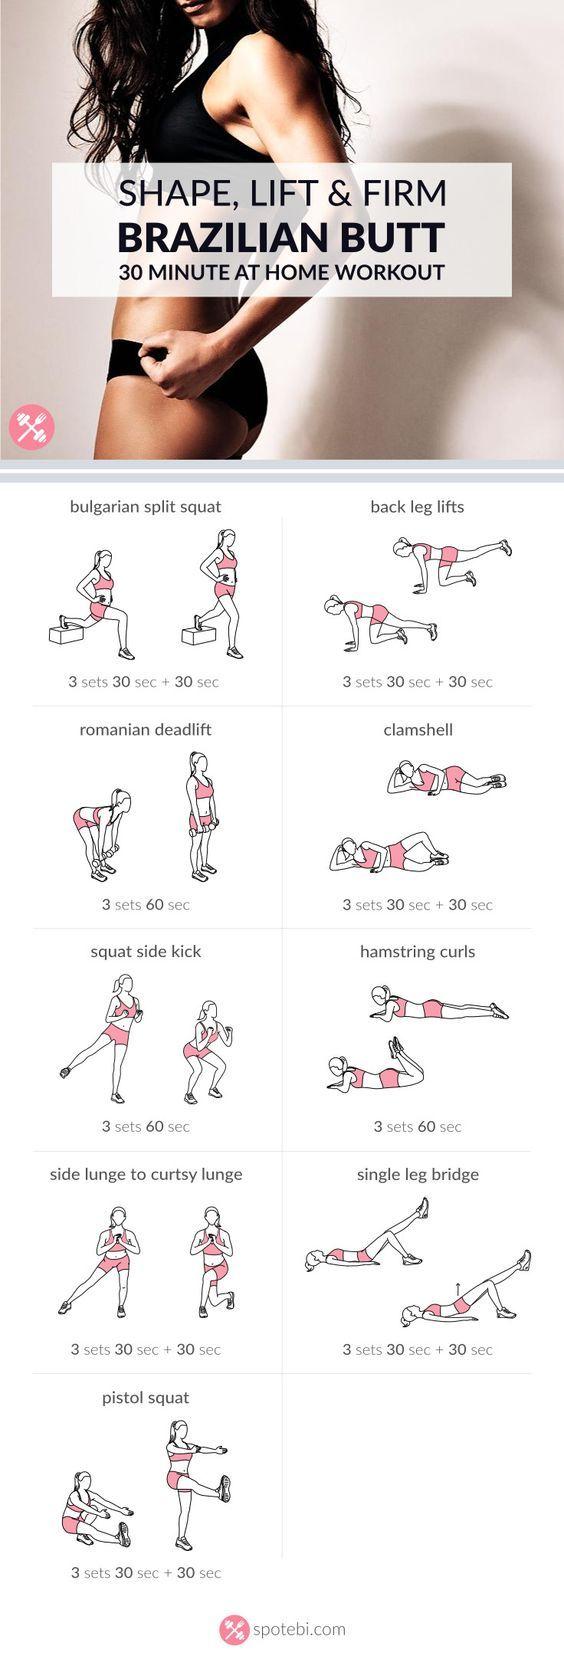 ¿Quieres saber el secreto para un botín perfecto?  Pruebe esta 30 minutos escultura y el levantamiento de entrenamiento de glúteos brasileño.  Forma y reafirmar los glúteos y los muslos rápido!  http://www.spotebi.com/workout-routines/shape-lift-firm-brazilian-butt-workout/